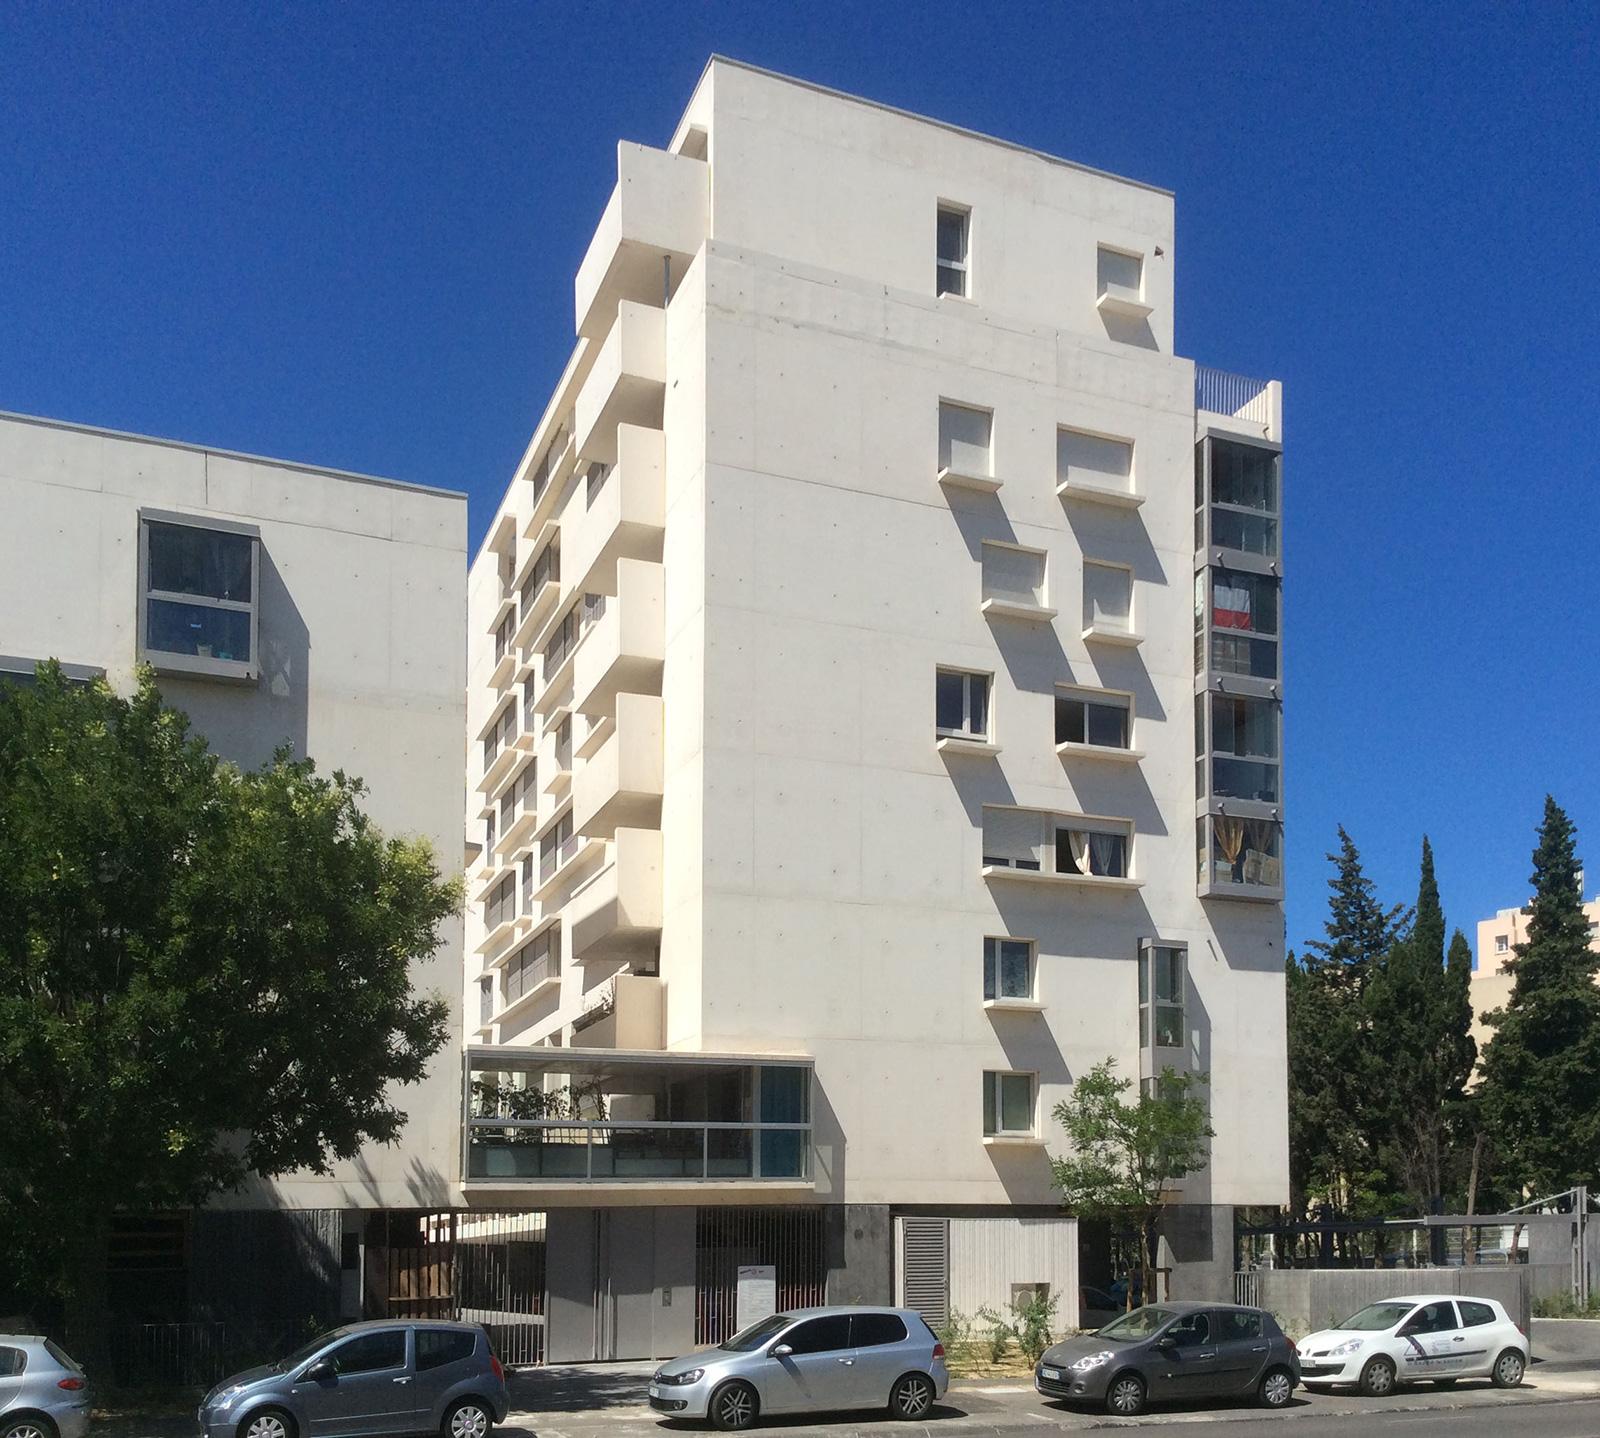 6-germe-et-jam-MTG-marseille-logements-facade-sur-rue-b